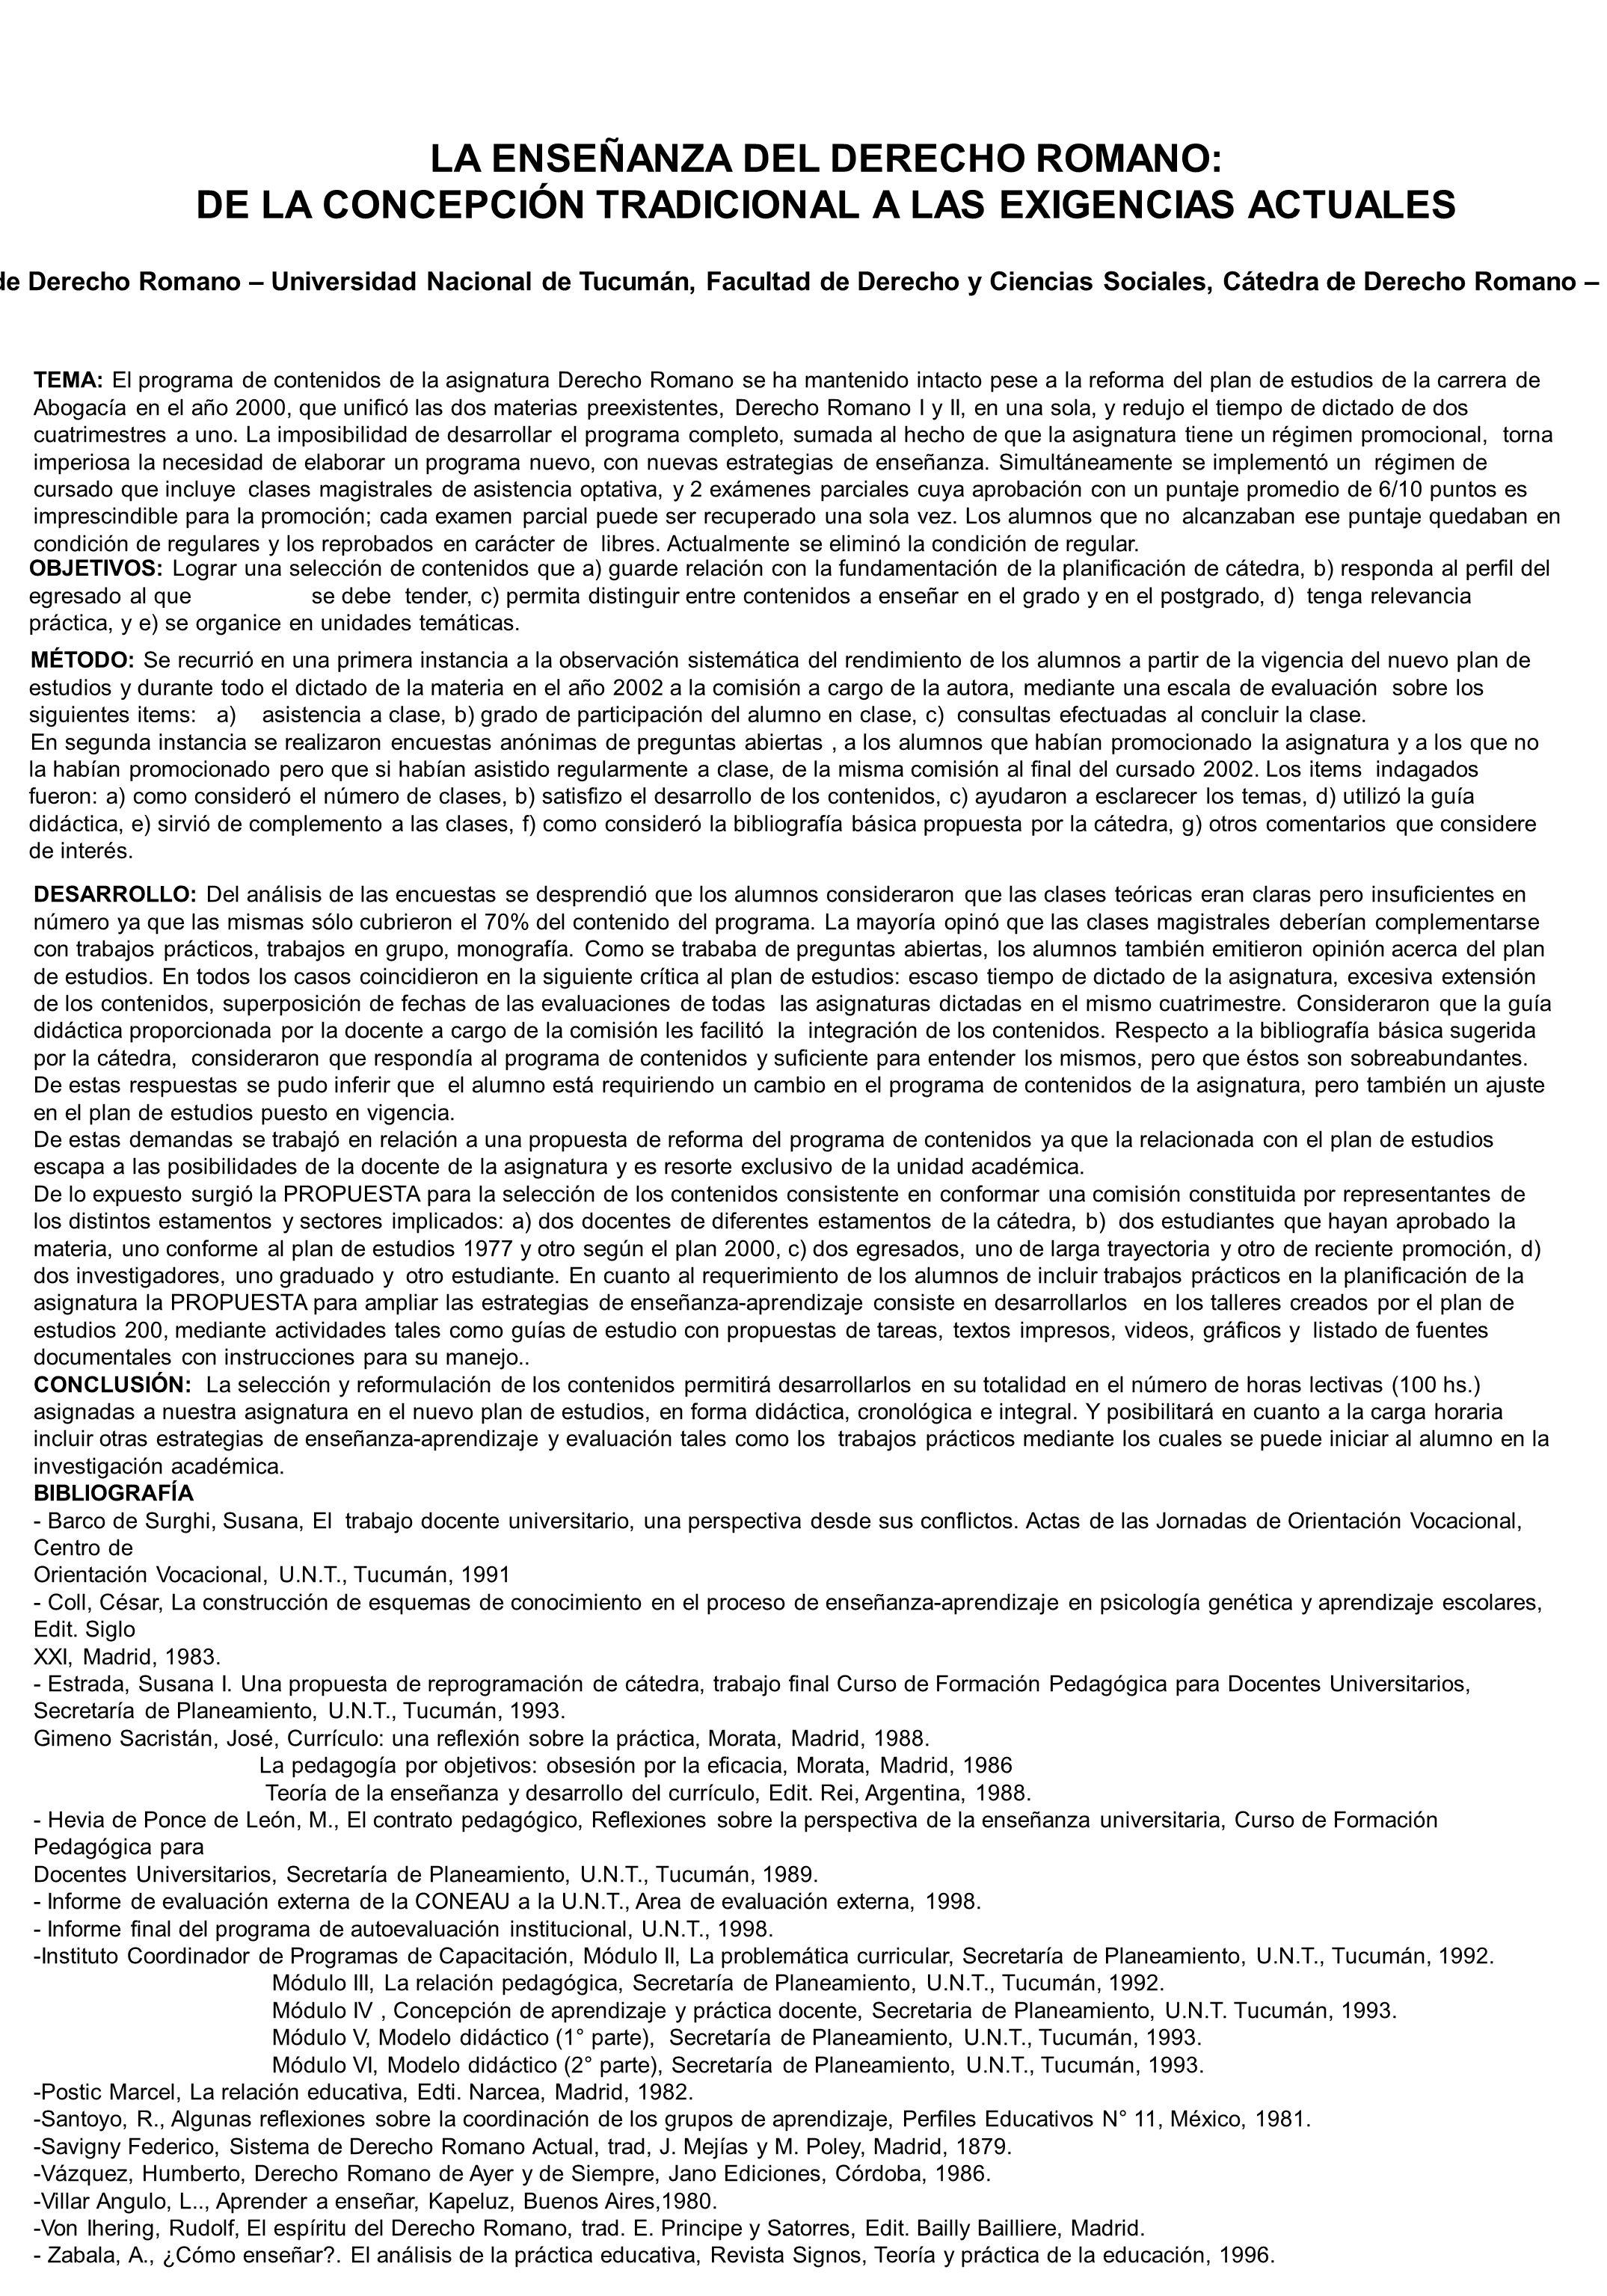 LA ENSEÑANZA DEL DERECHO ROMANO: DE LA CONCEPCIÓN TRADICIONAL A LAS EXIGENCIAS ACTUALES Susana Isabel Estrada, Profesora Adjunta de Derecho Romano – U